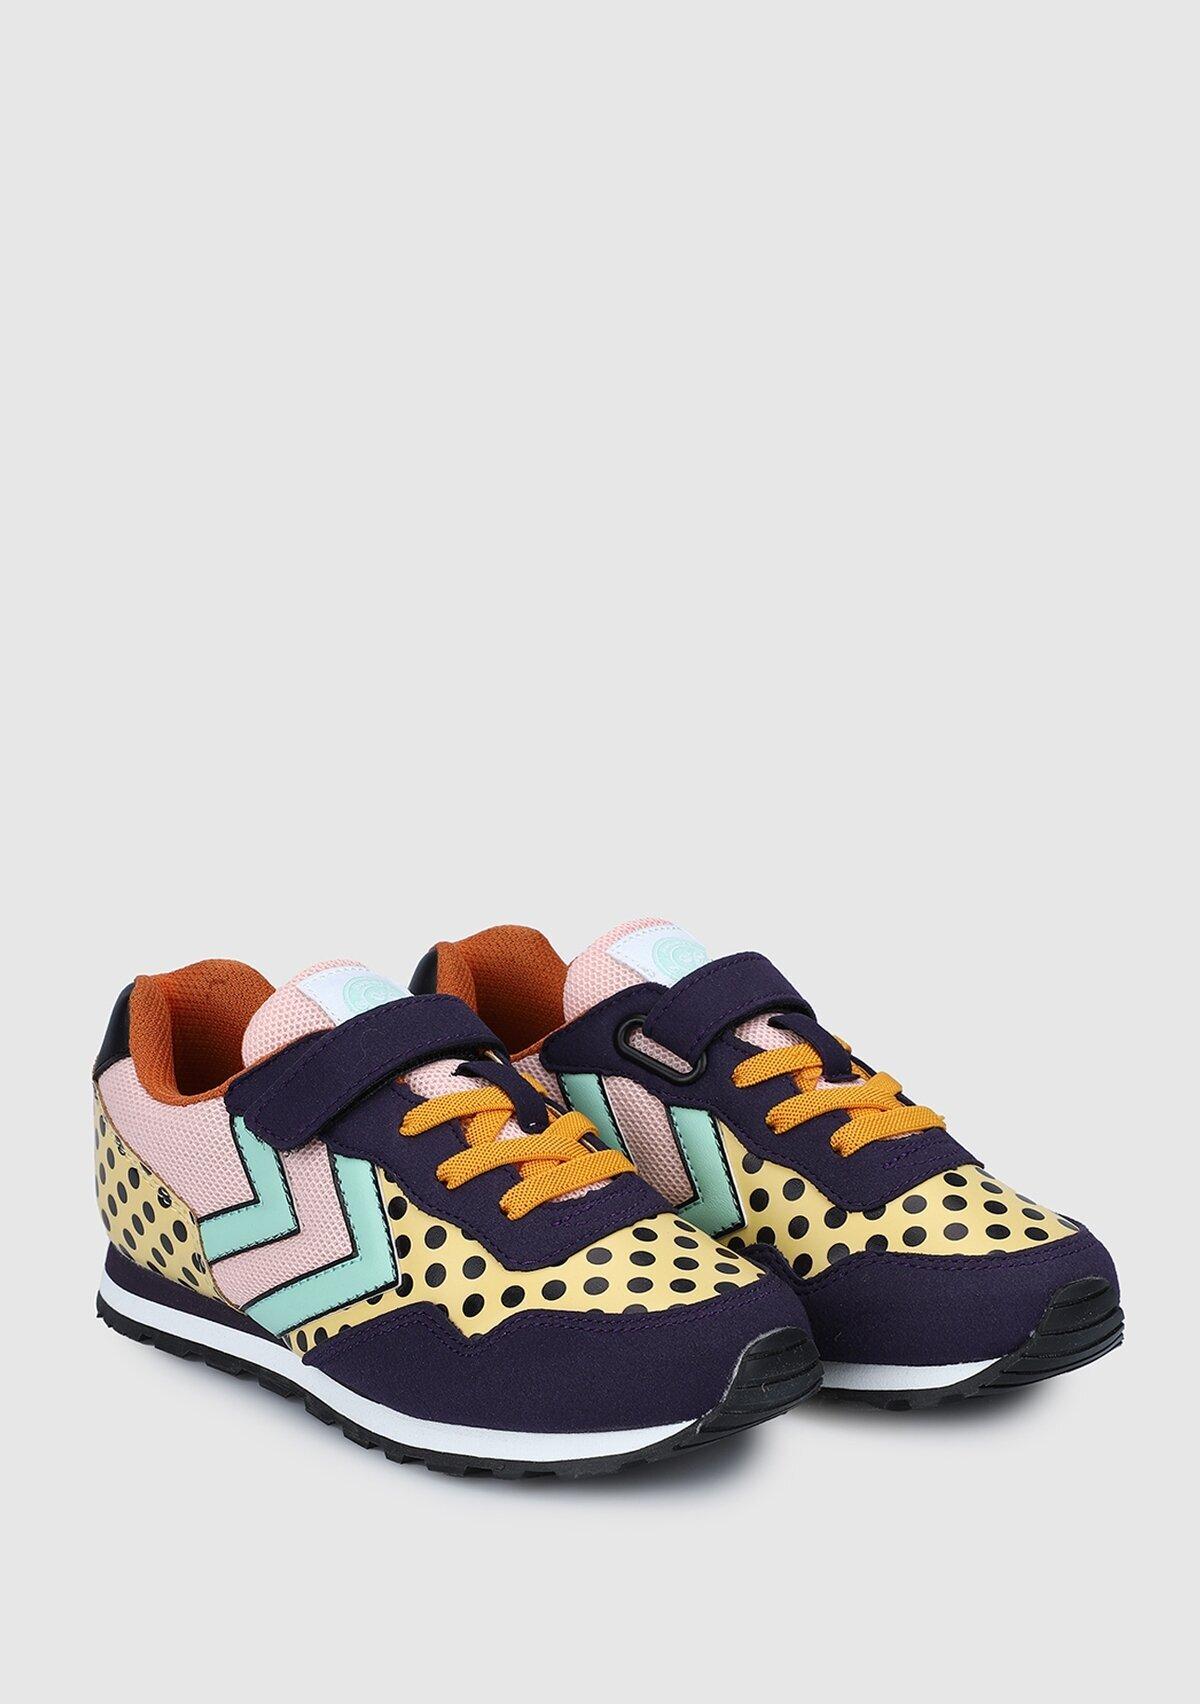 resm Hmlthor Energy Prınted Jr Sneaker Mor Kız Çocuk Sneaker 212700-3626